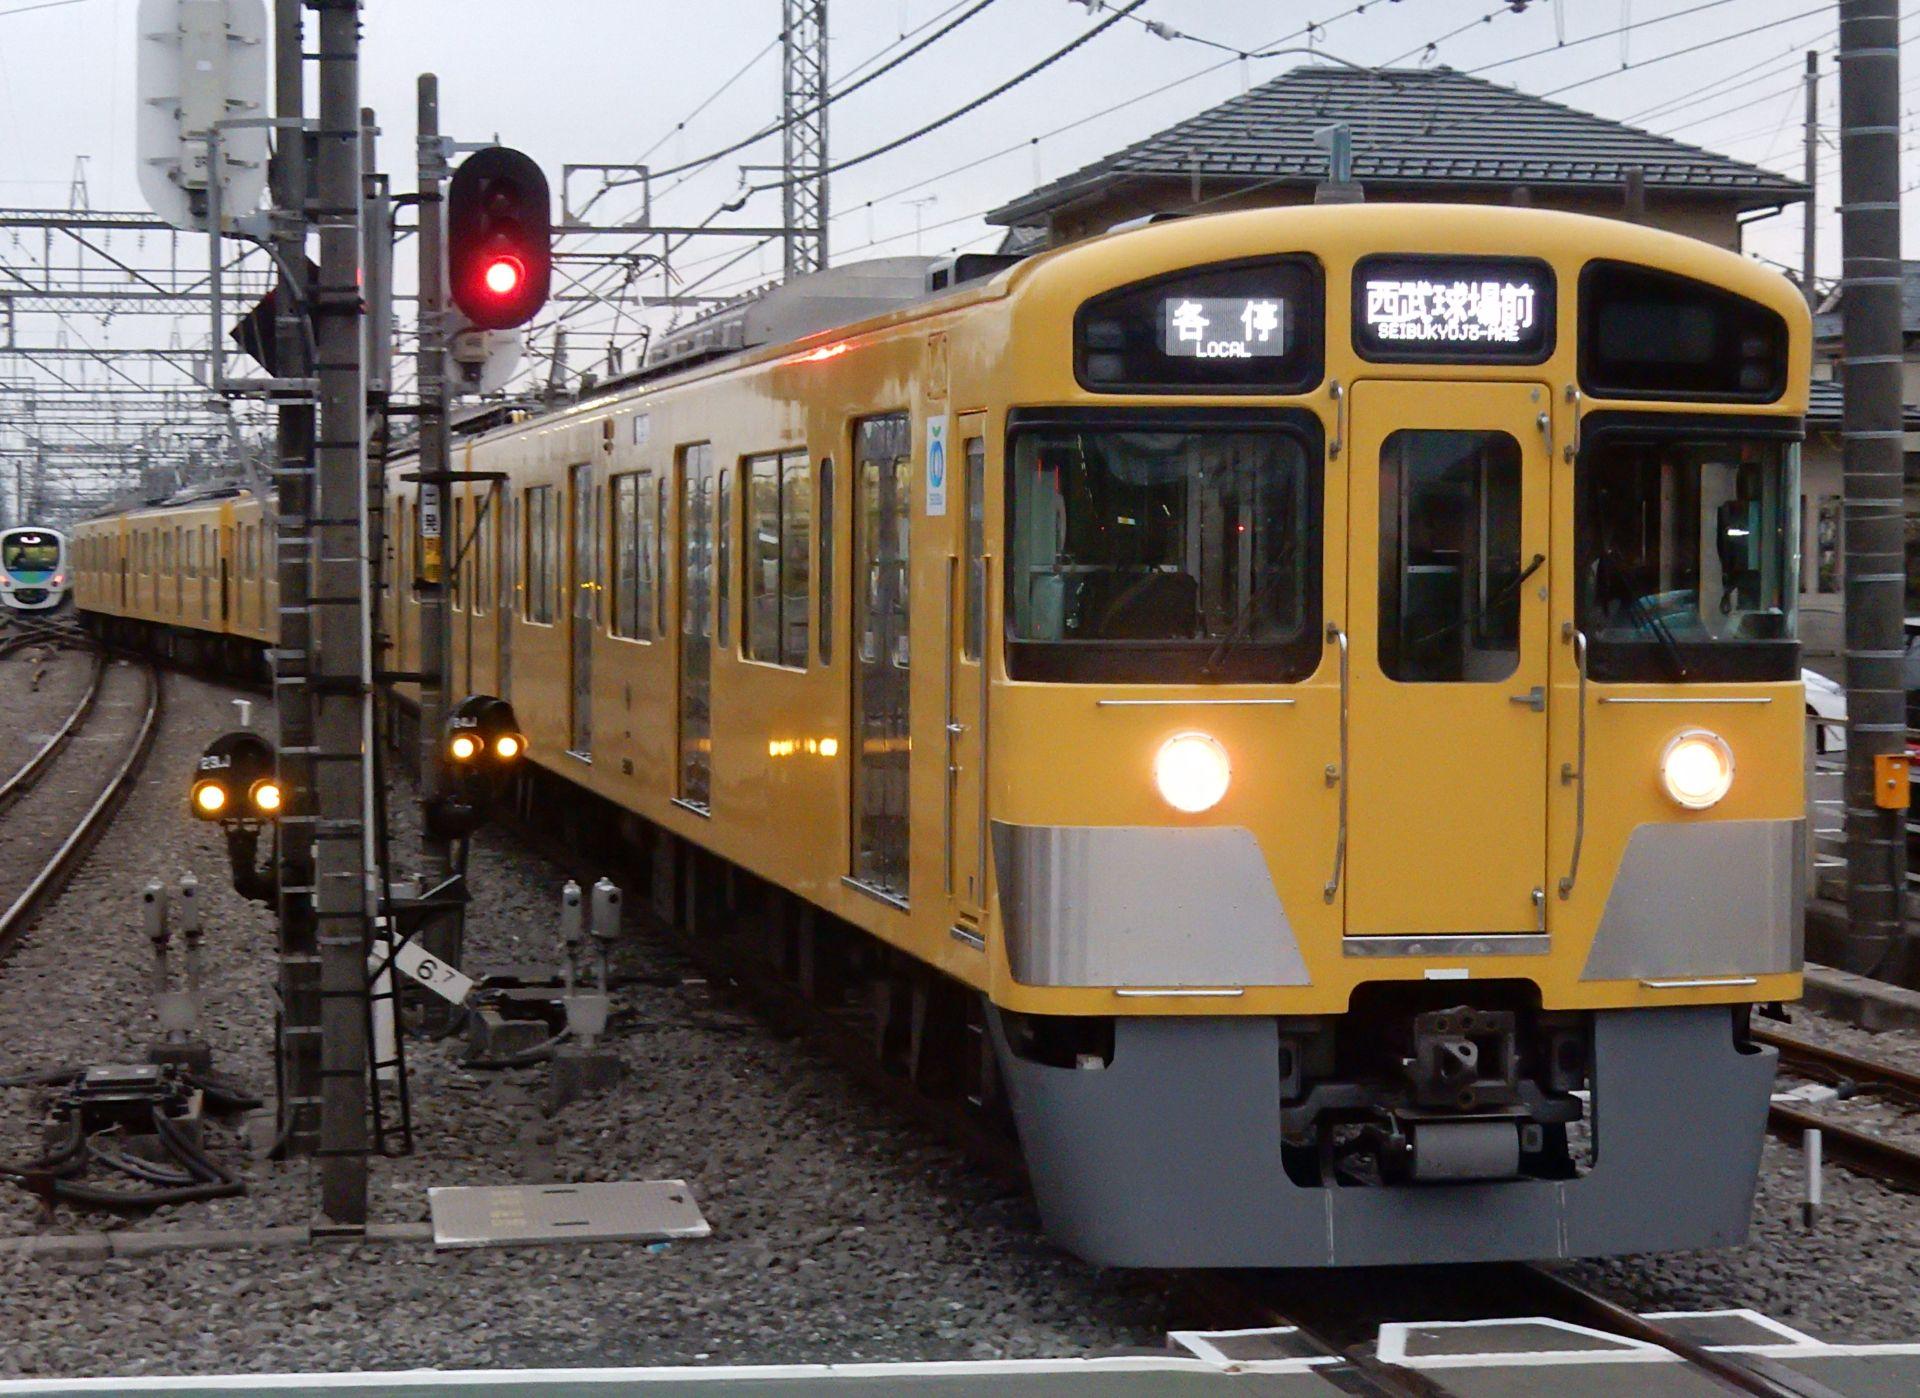 DSCN6735 - コピー